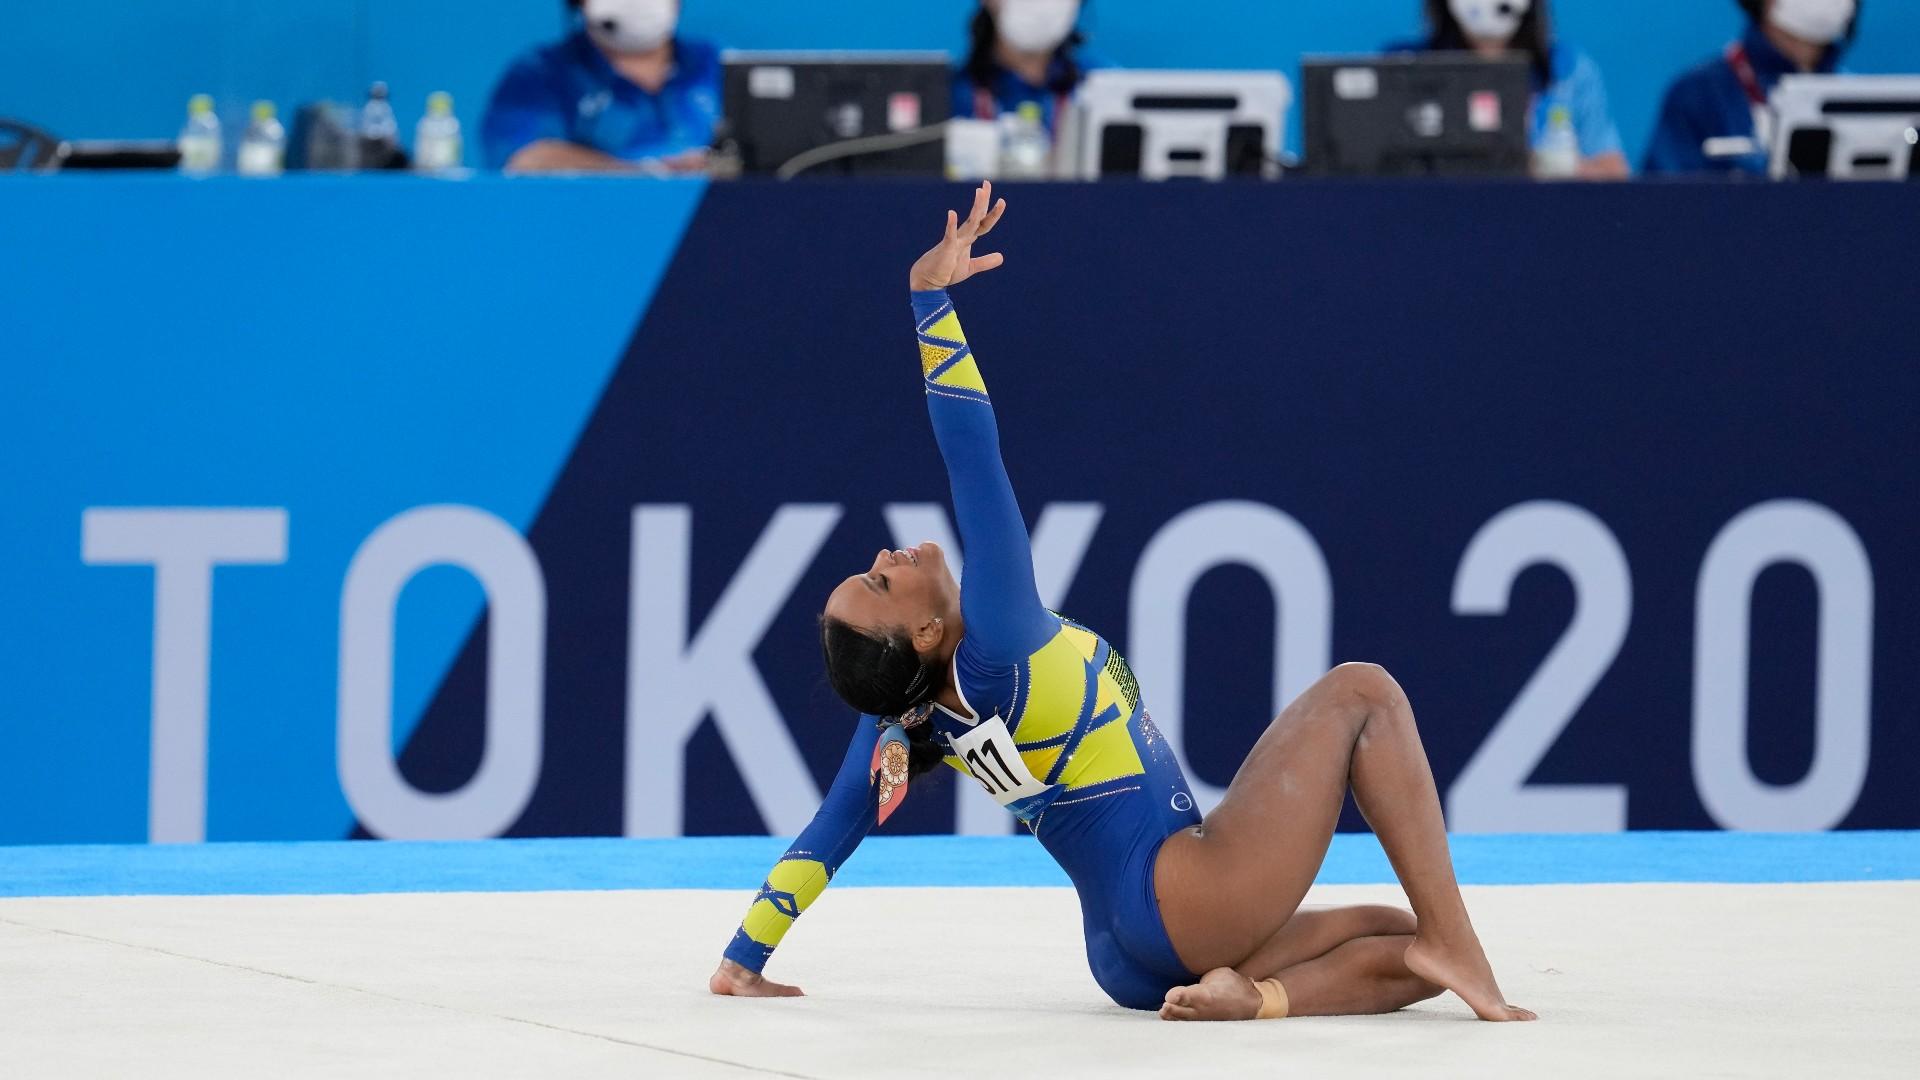 Entenda por que ginastas mulheres competem com música no solo, mas homens não